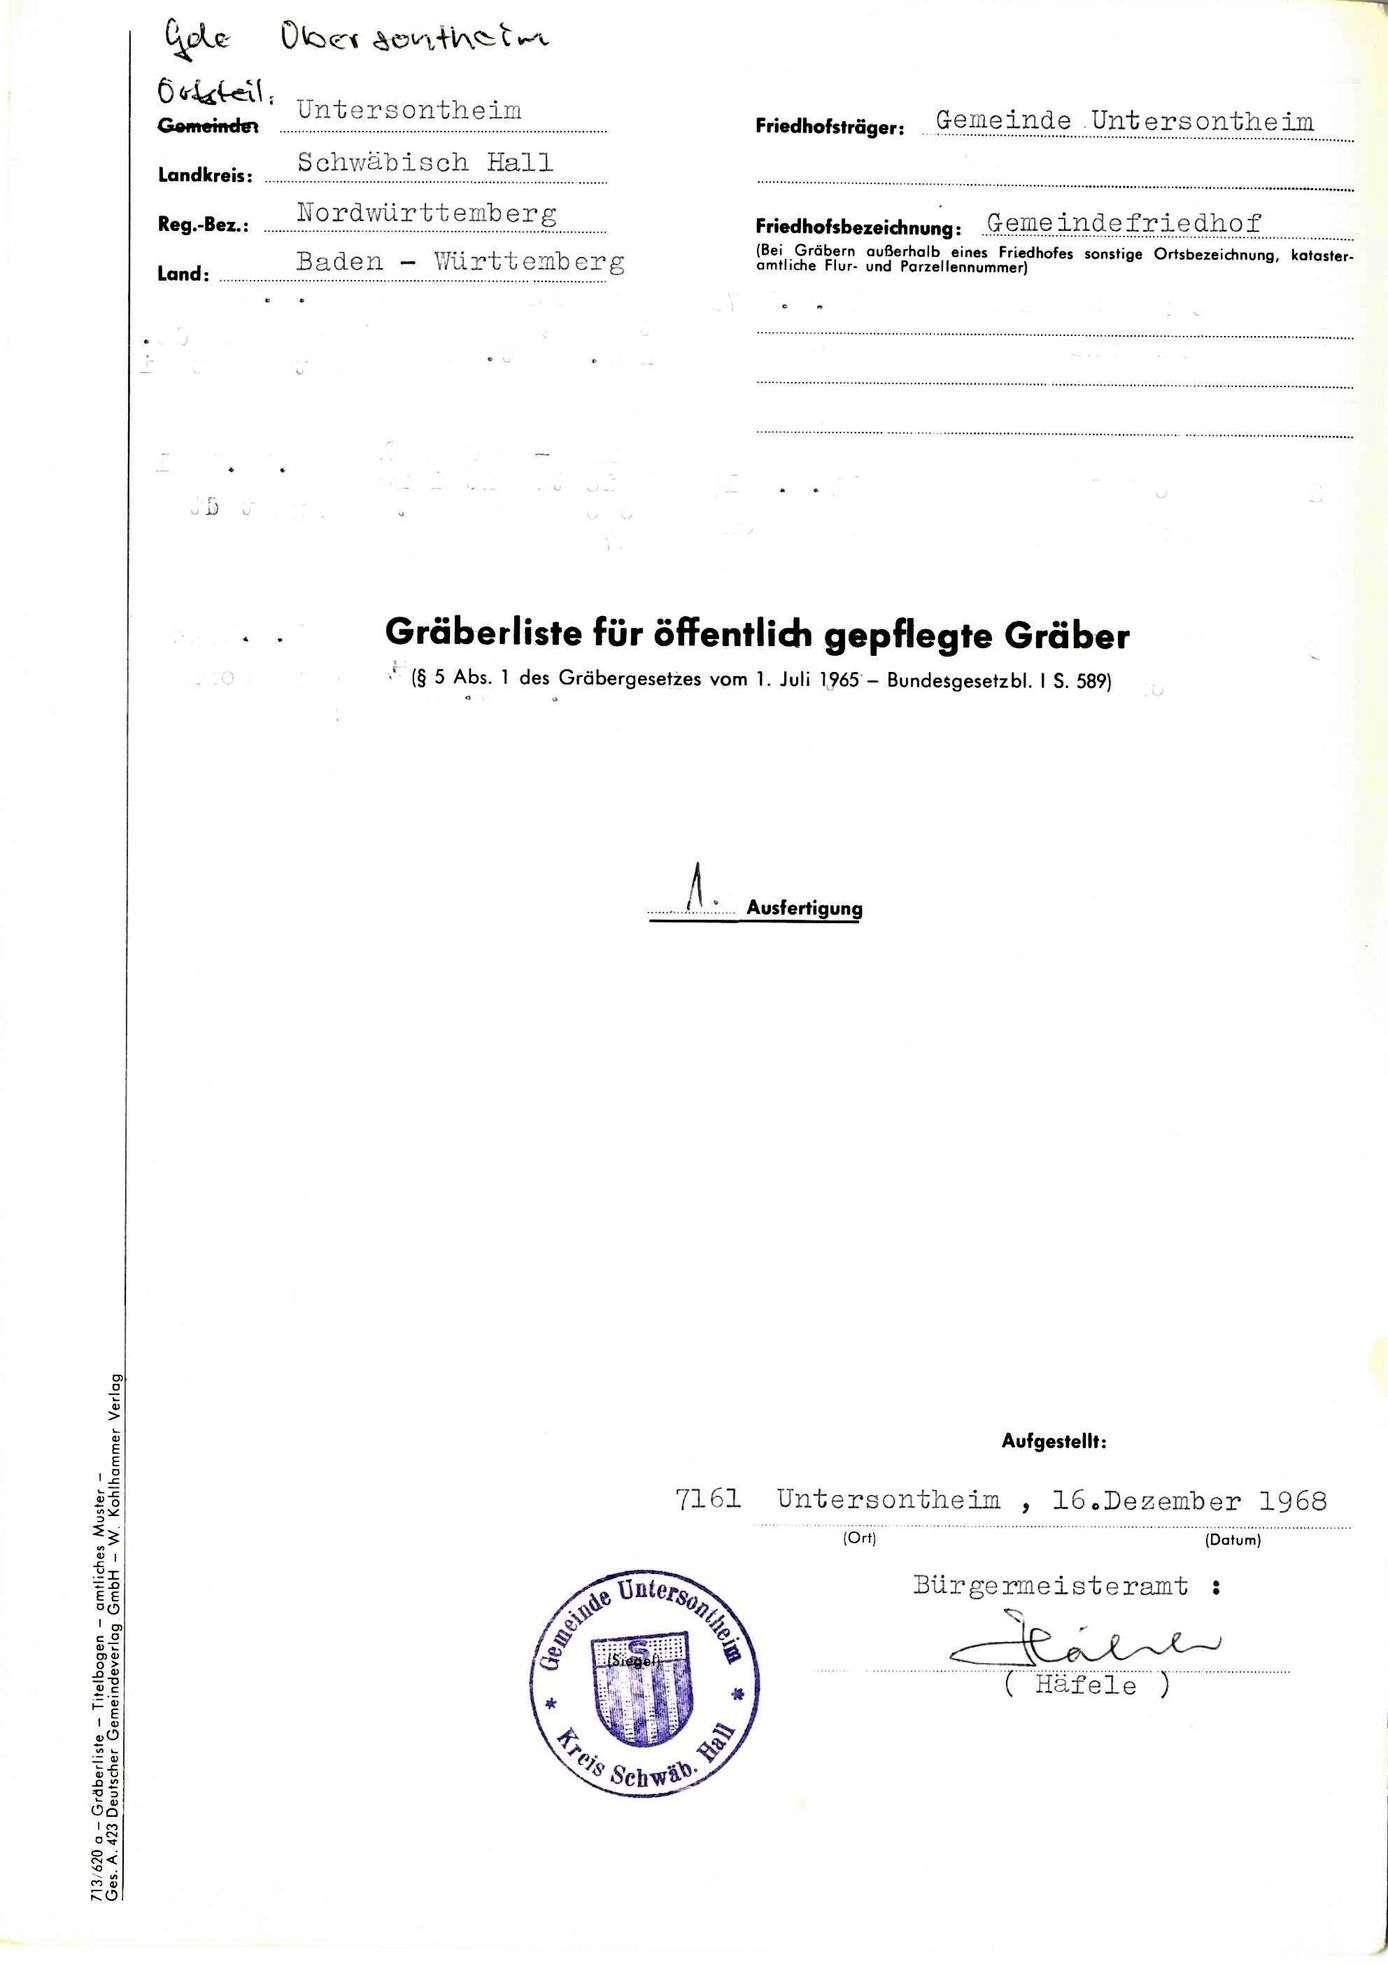 Untersontheim, Bild 1